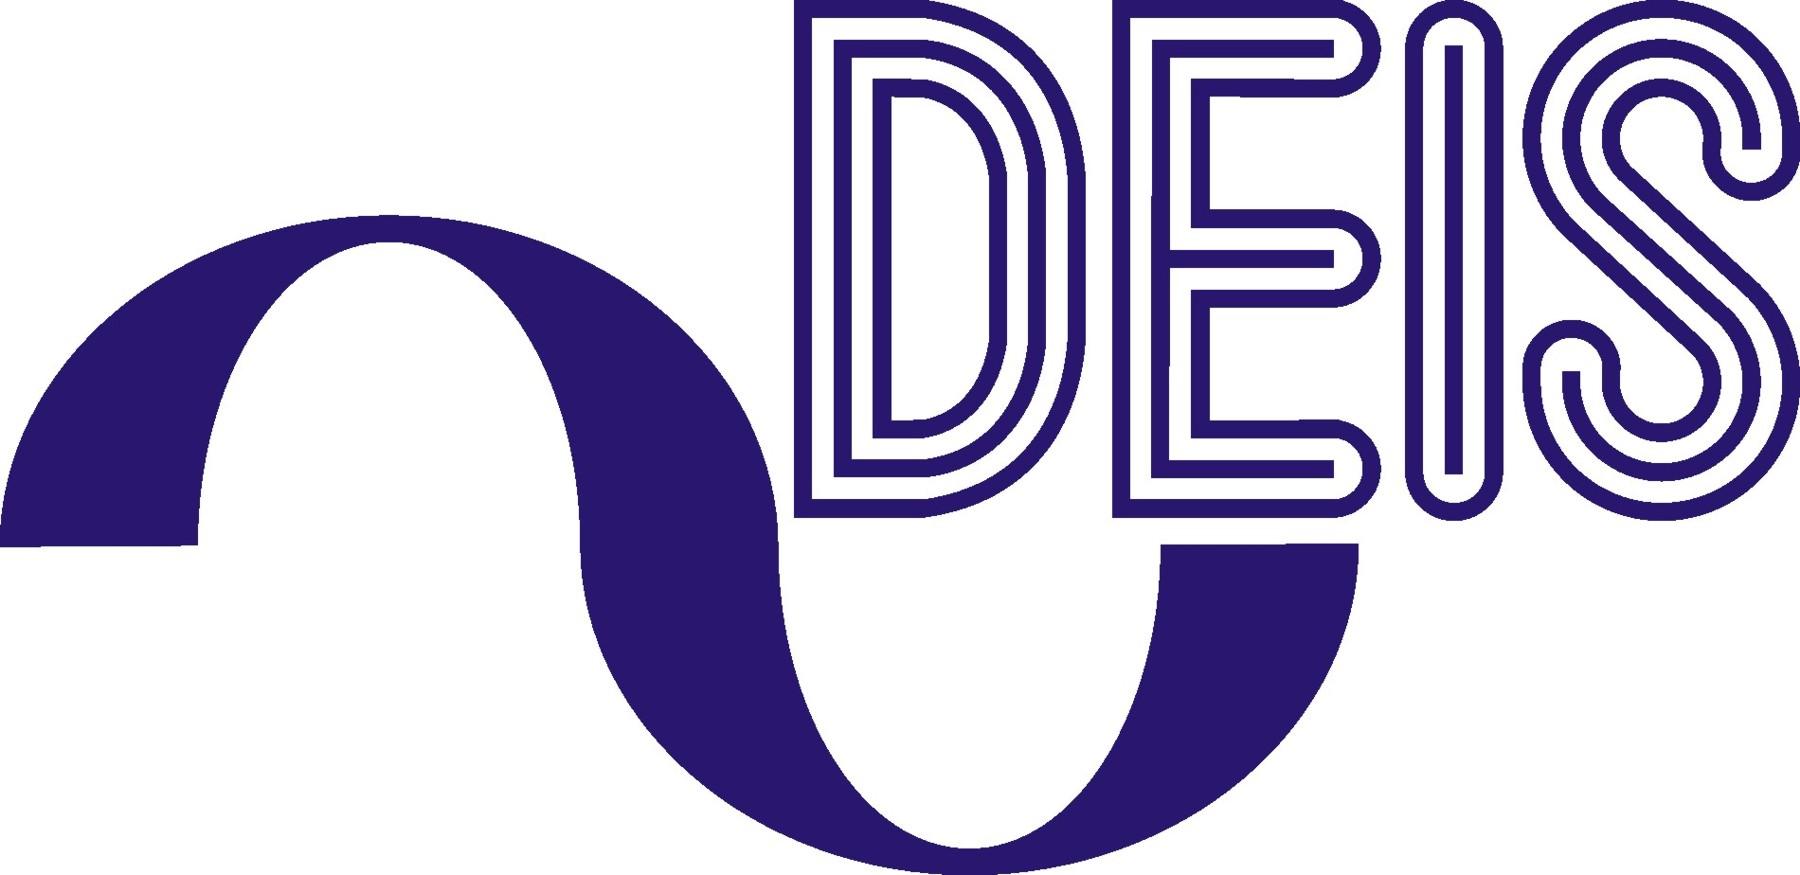 IEEE DEIS